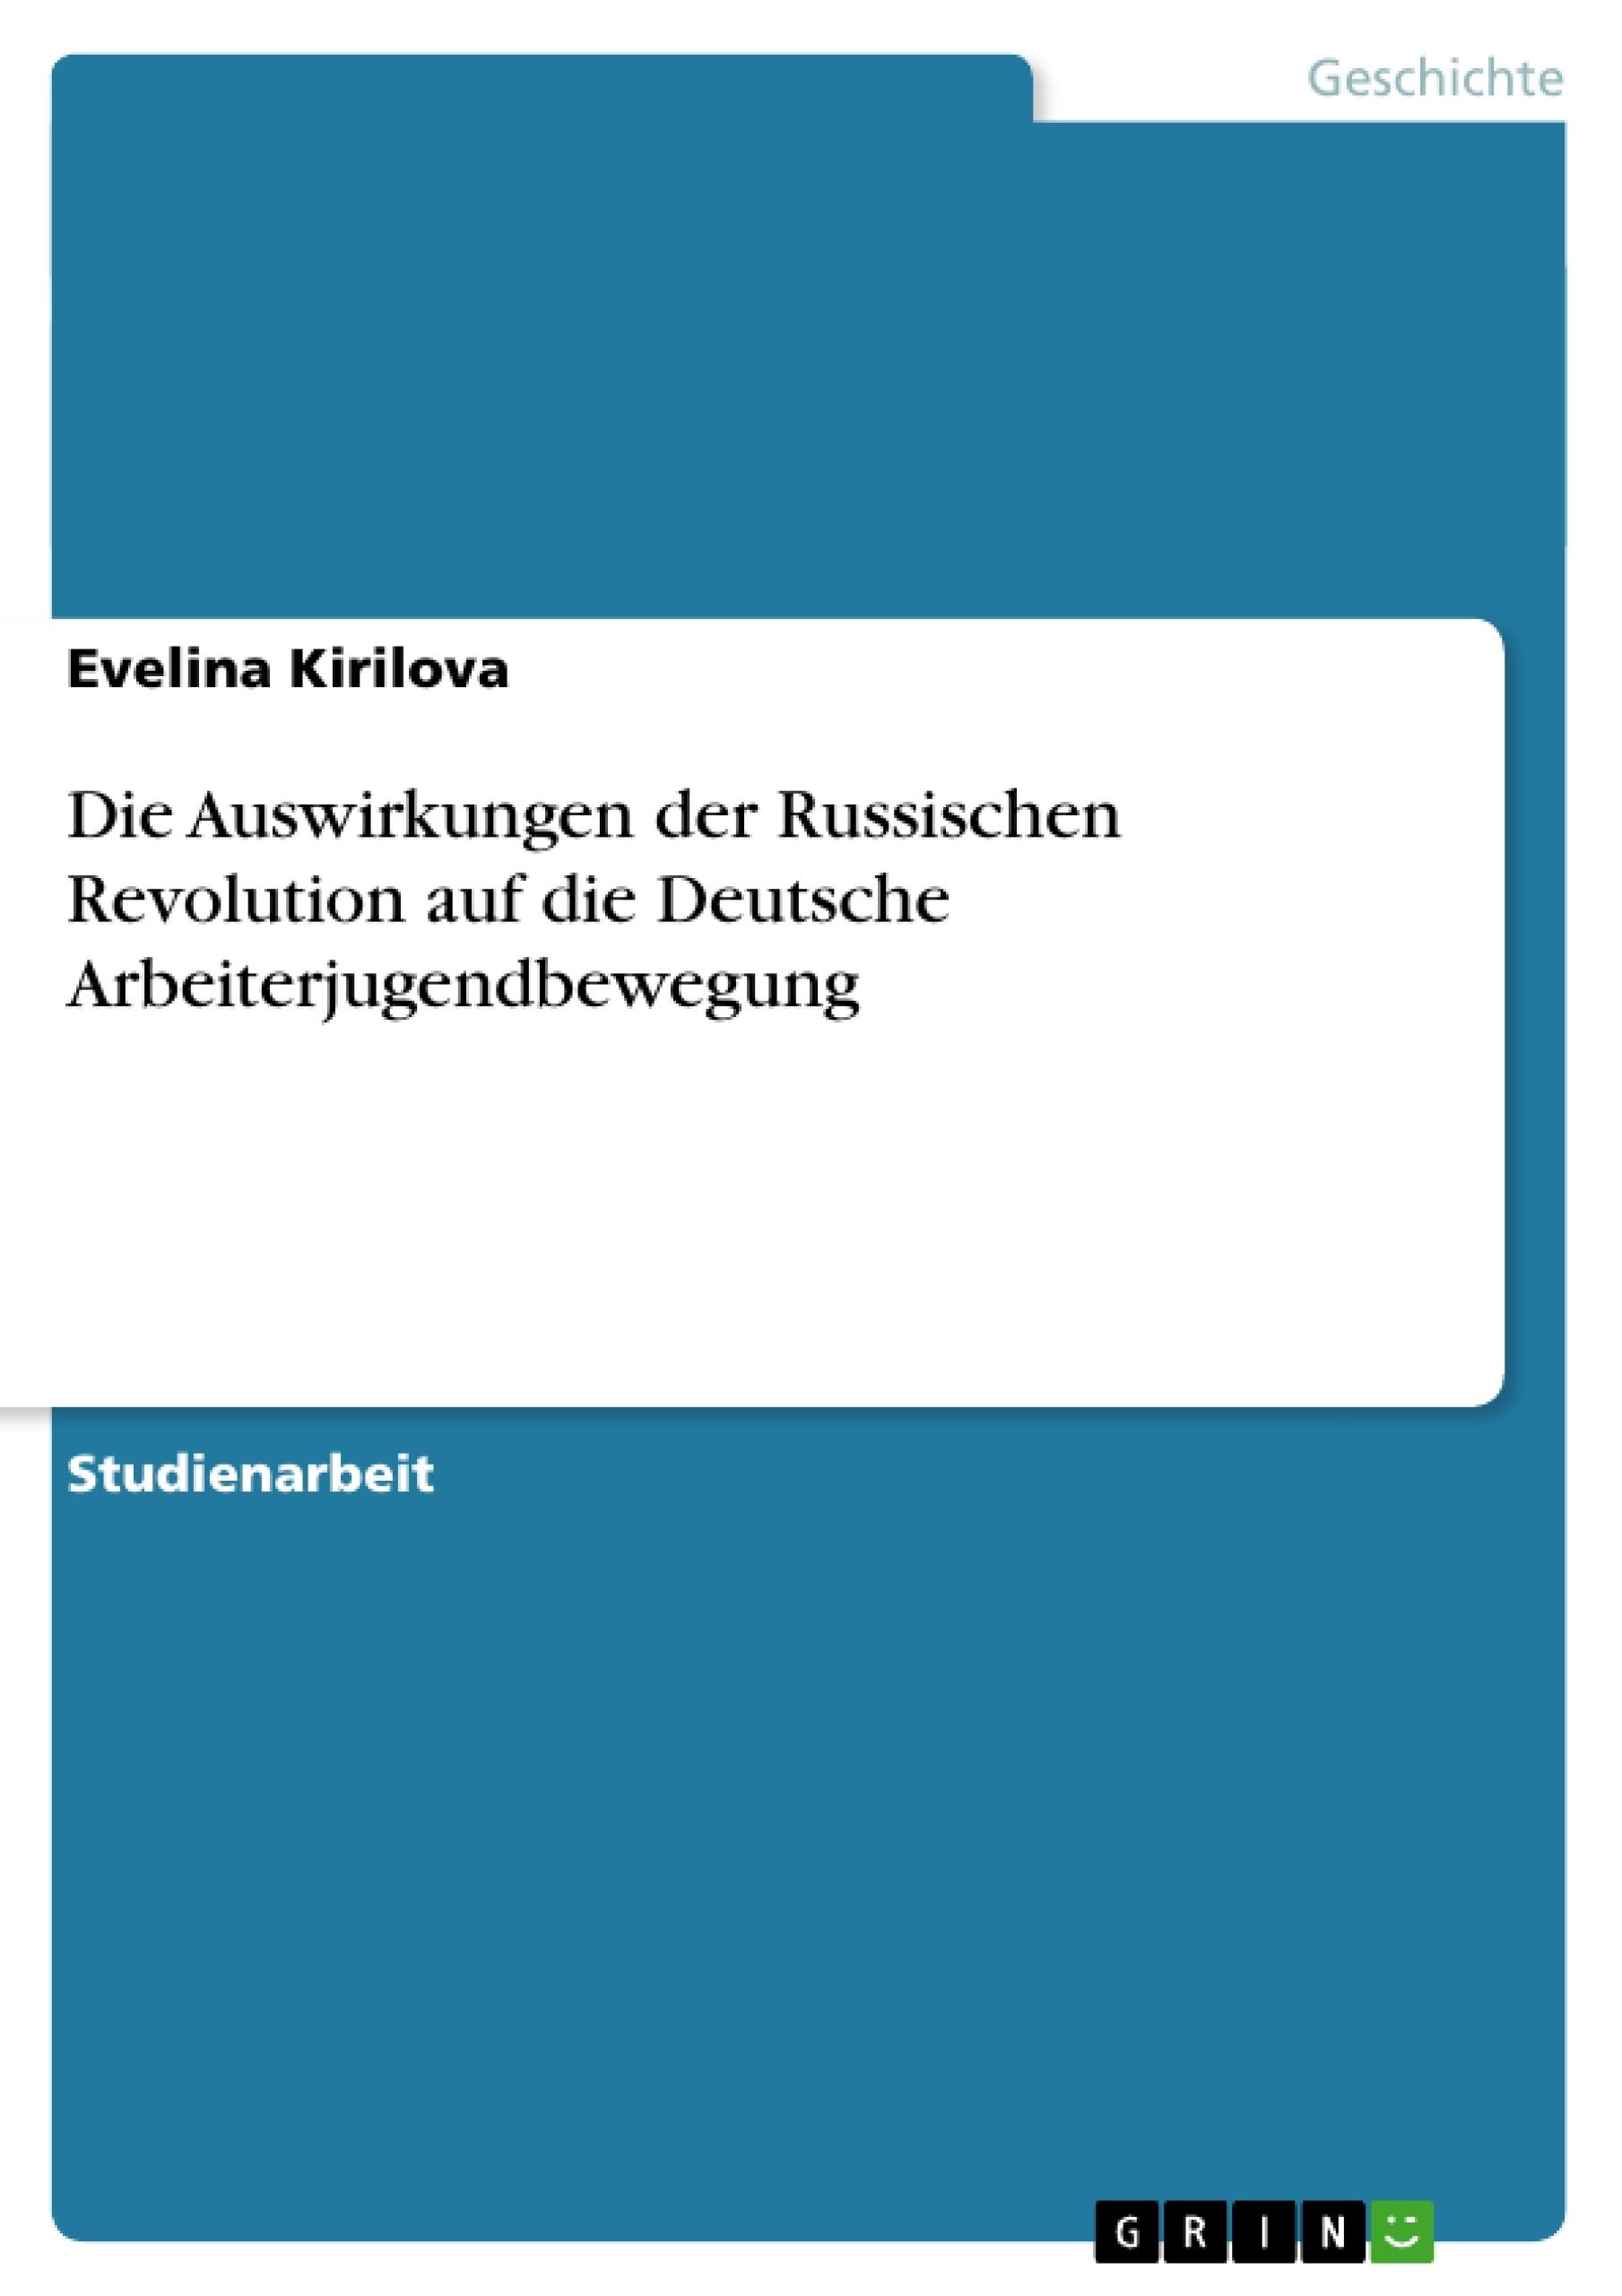 Titel: Die Auswirkungen der Russischen Revolution auf die Deutsche Arbeiterjugendbewegung